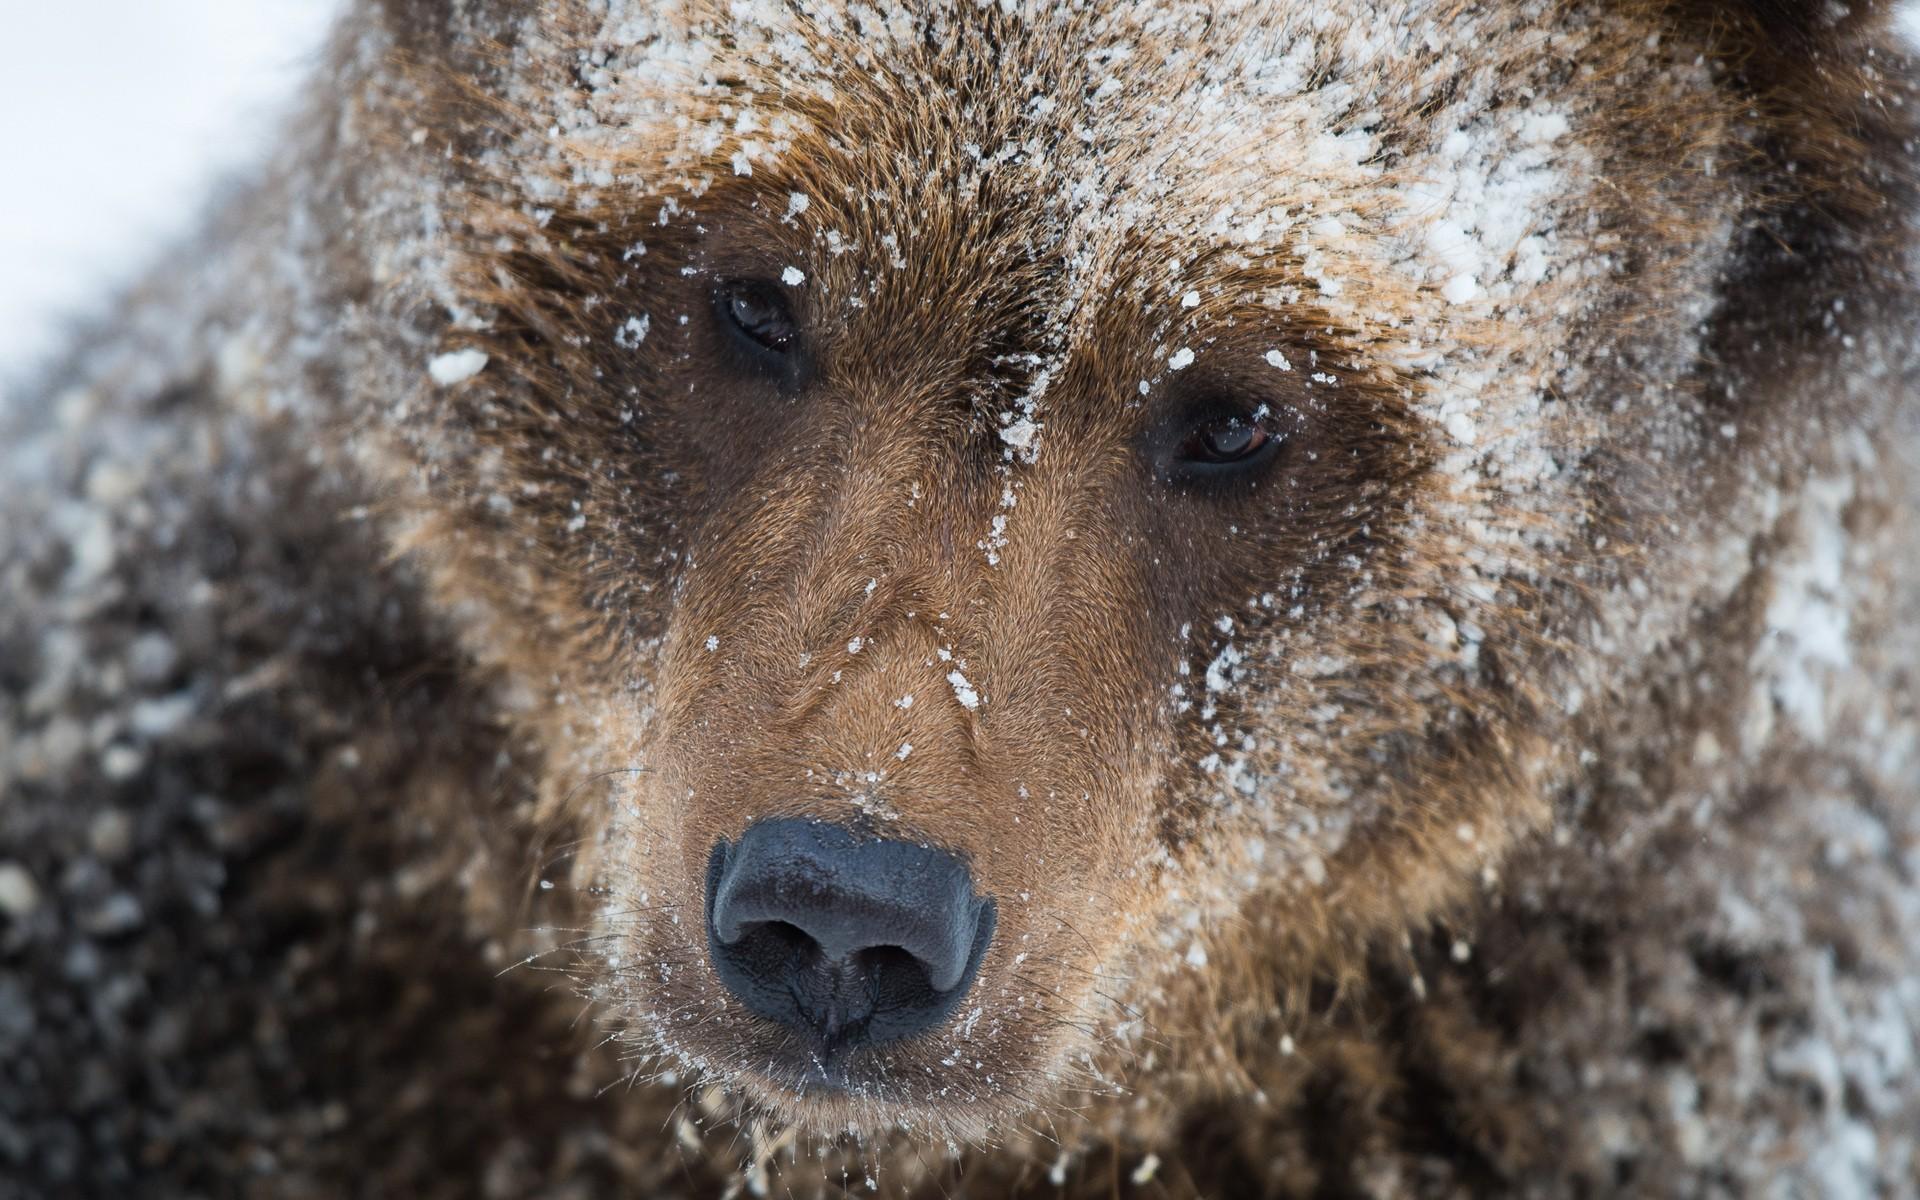 это фото бурый медведь в снегу средневековое племя